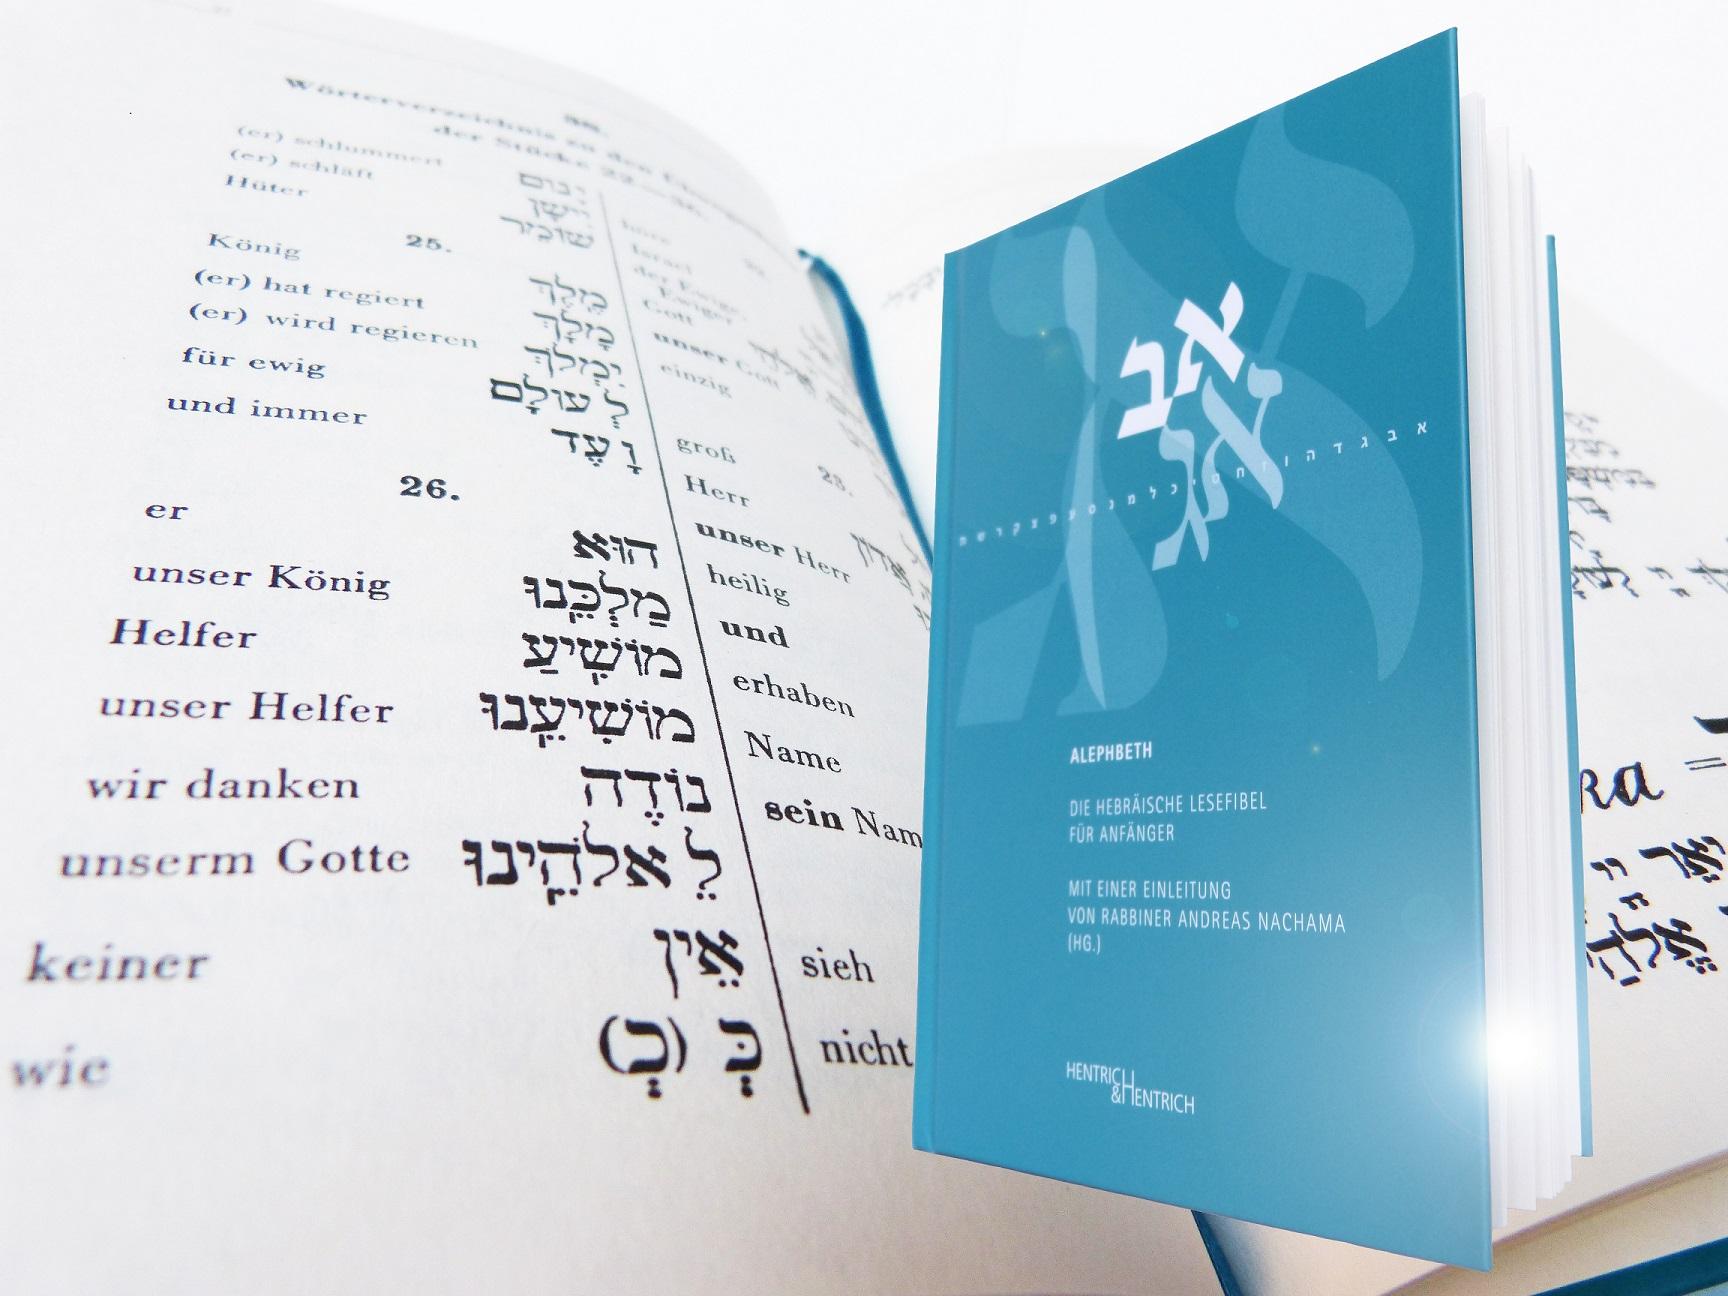 Alephbeth - Die hebräische Lesefibel für Anfänger